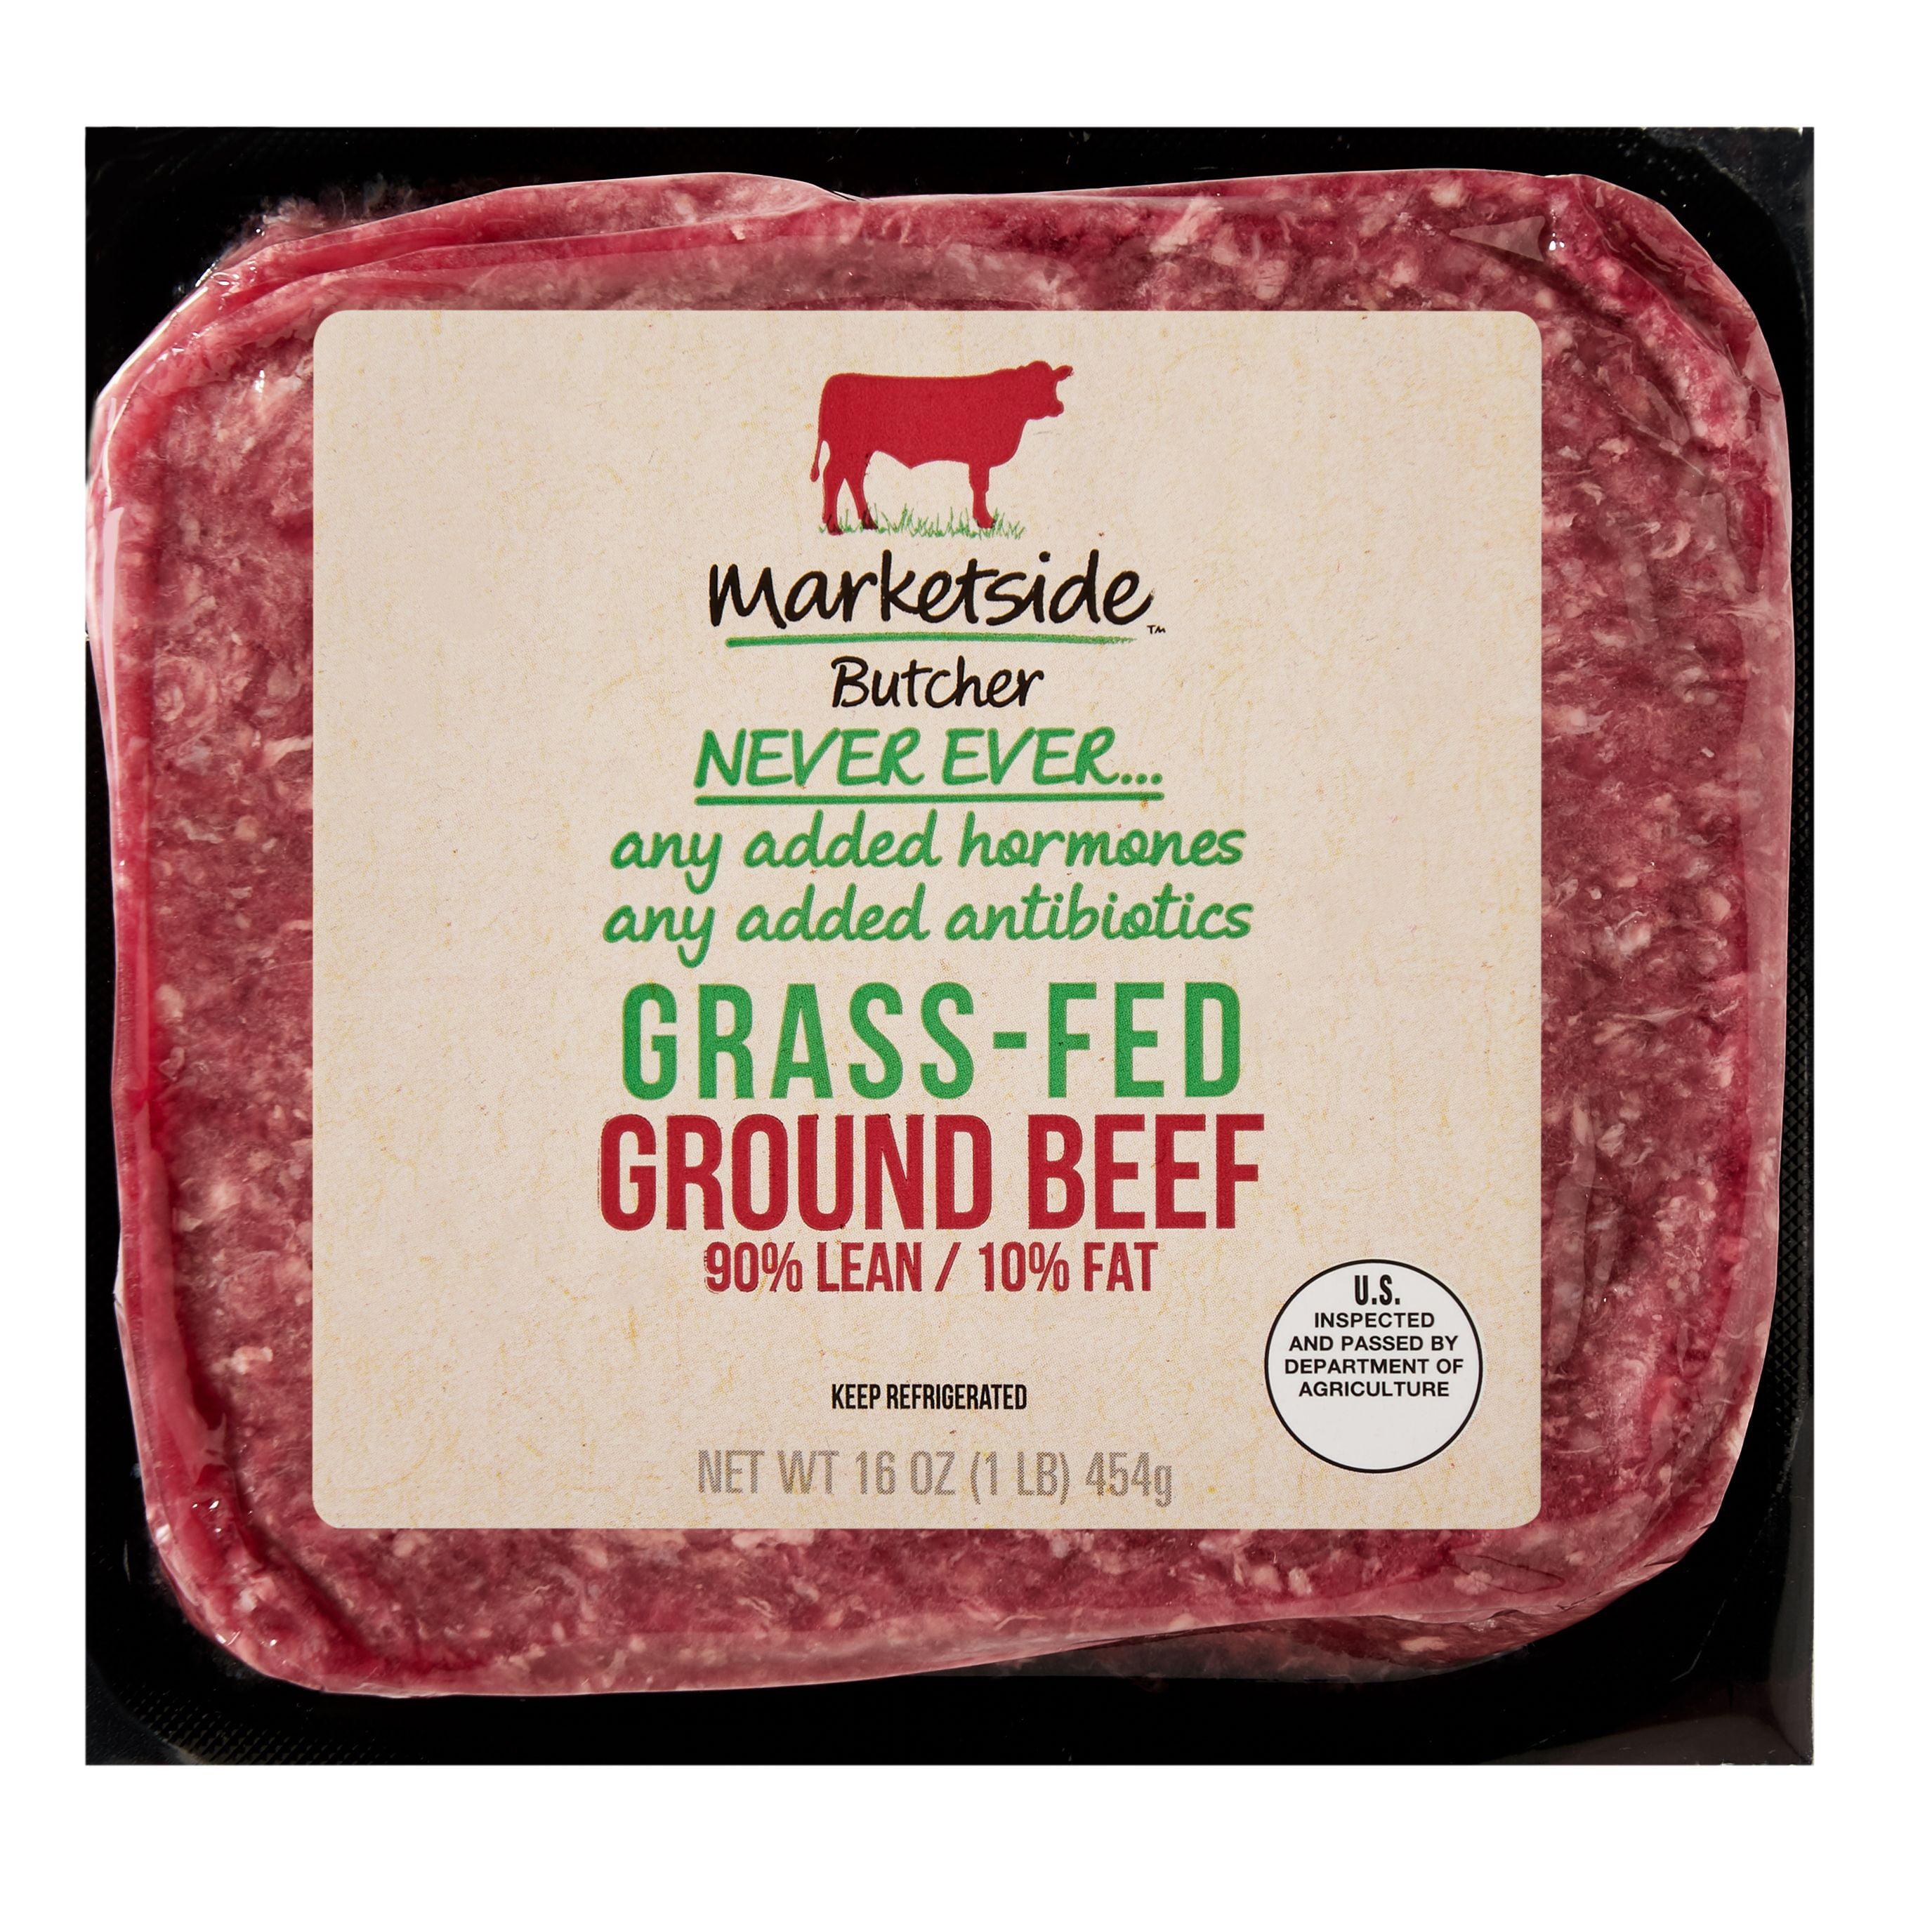 Marketside Butcher Grass-Fed Ground Beef, 16 oz (1 lb)